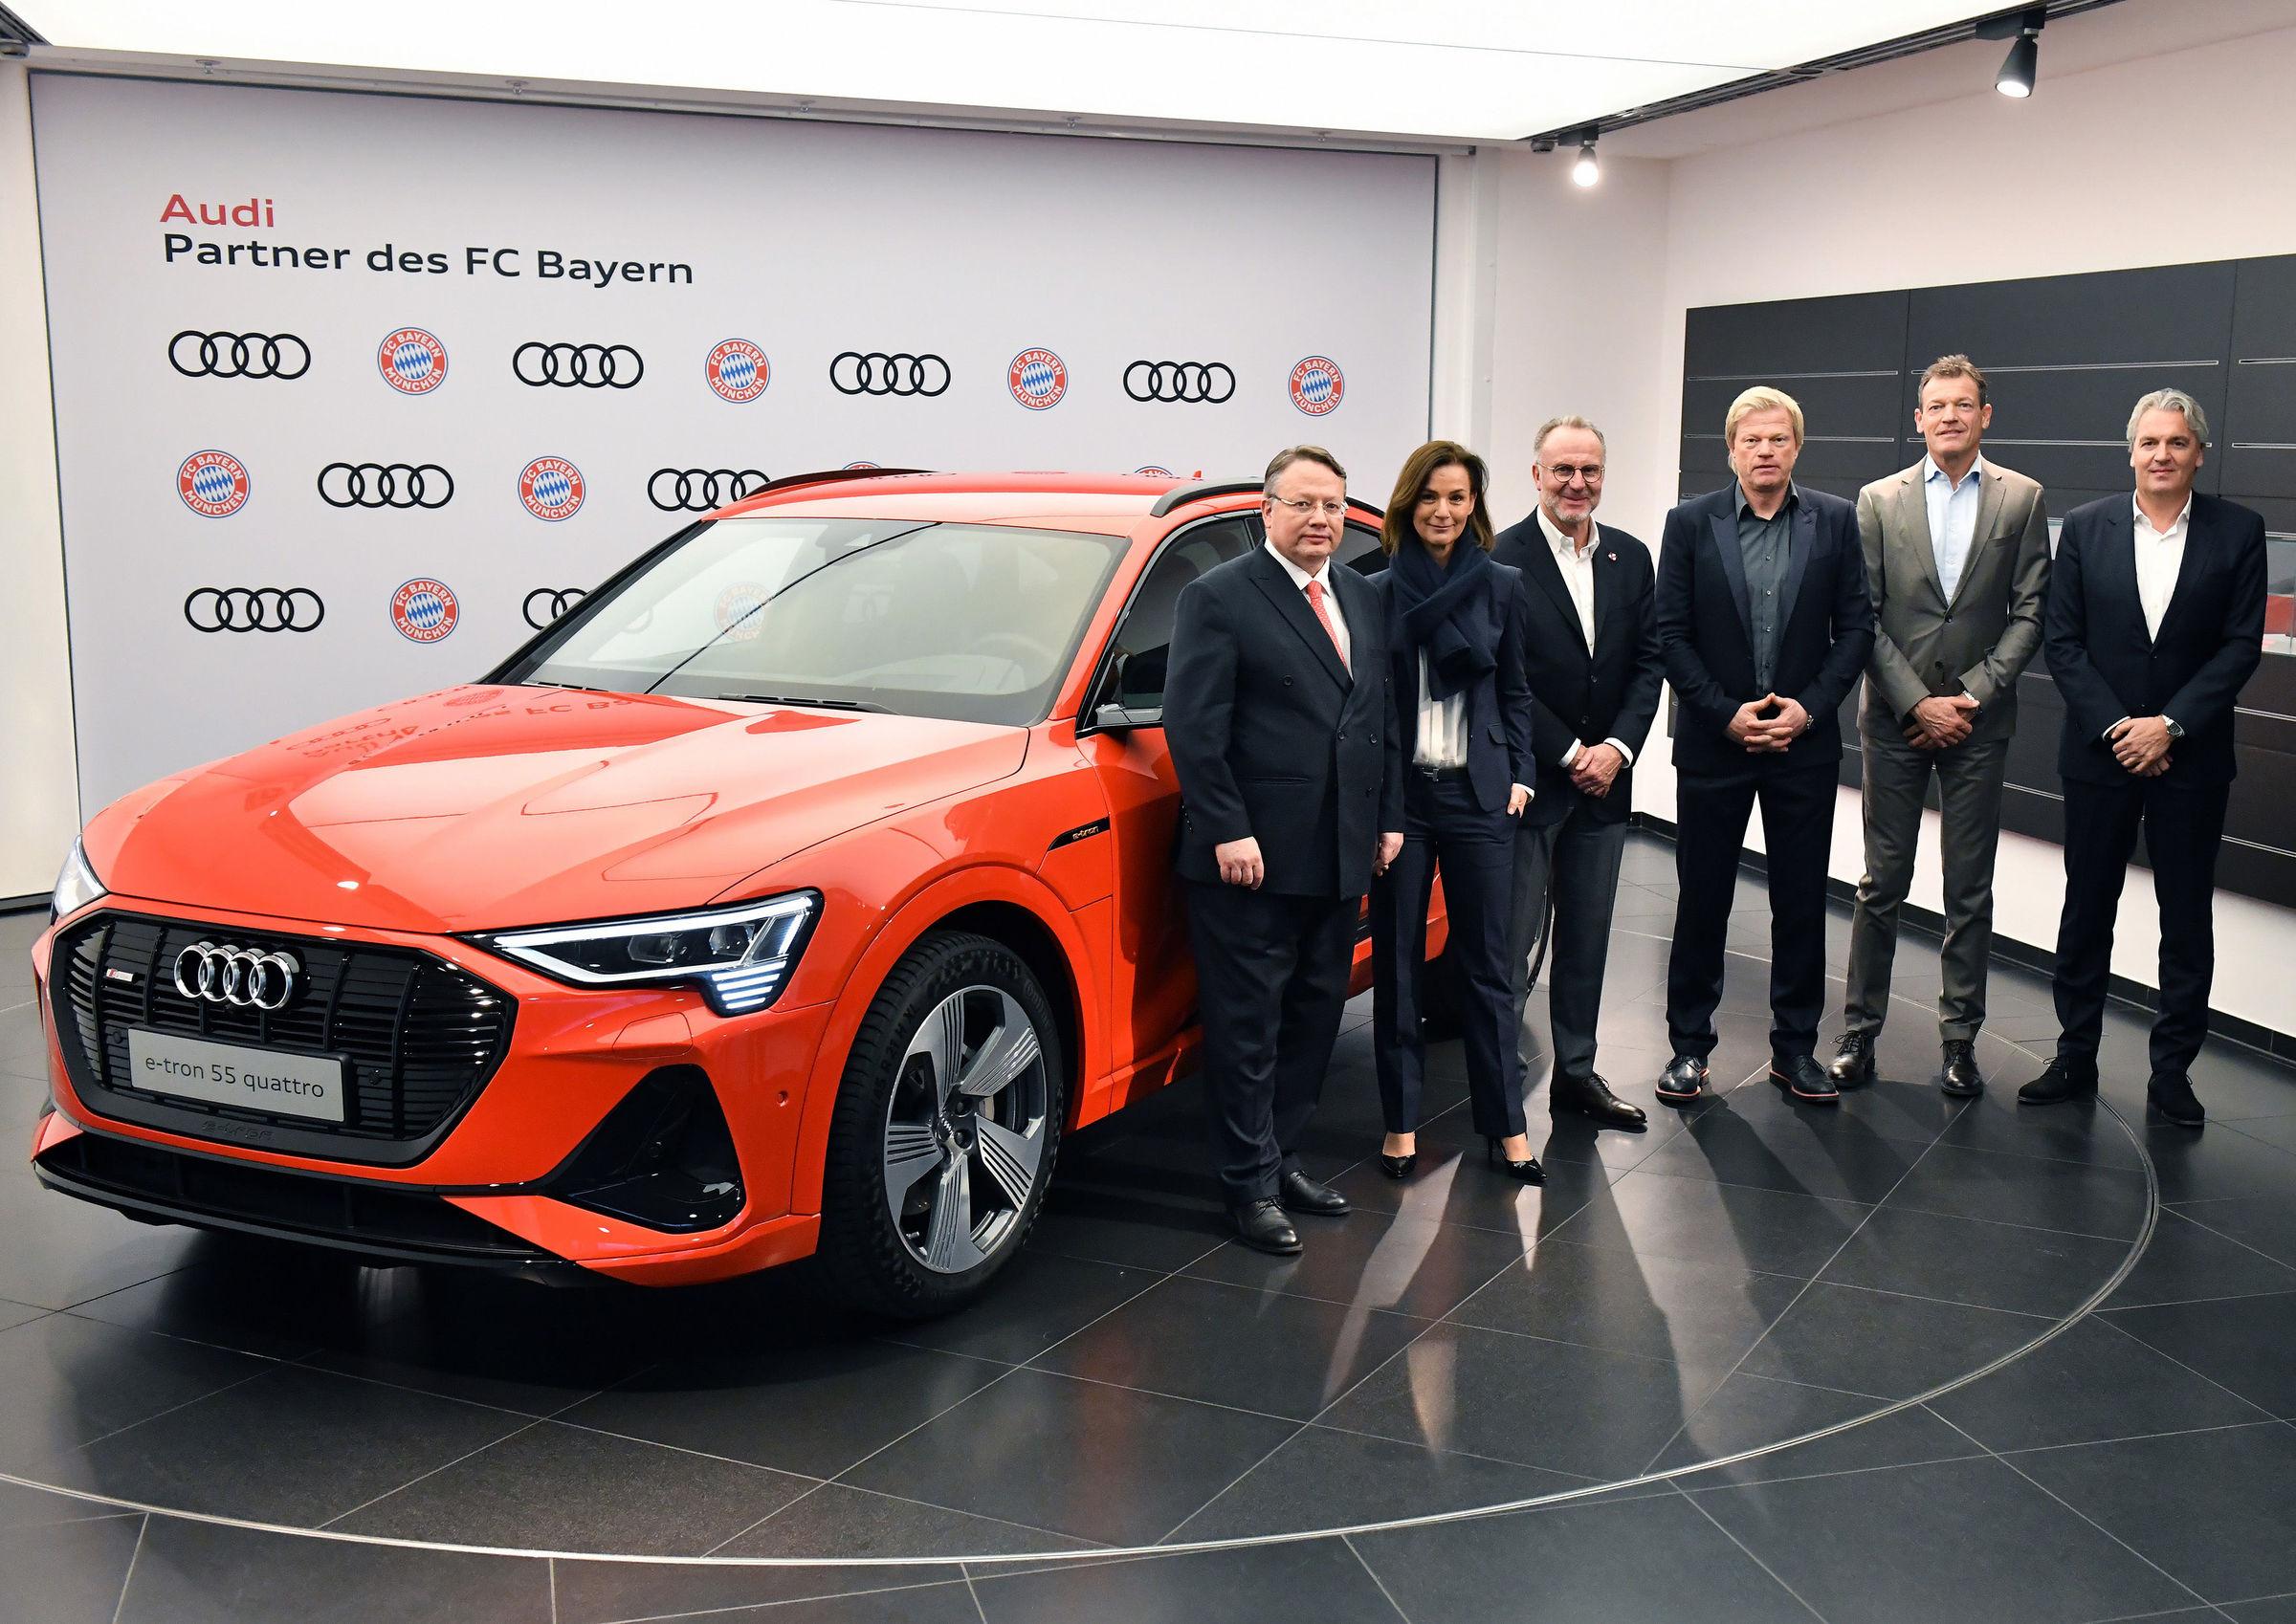 Bayern Munchen Audi (1)